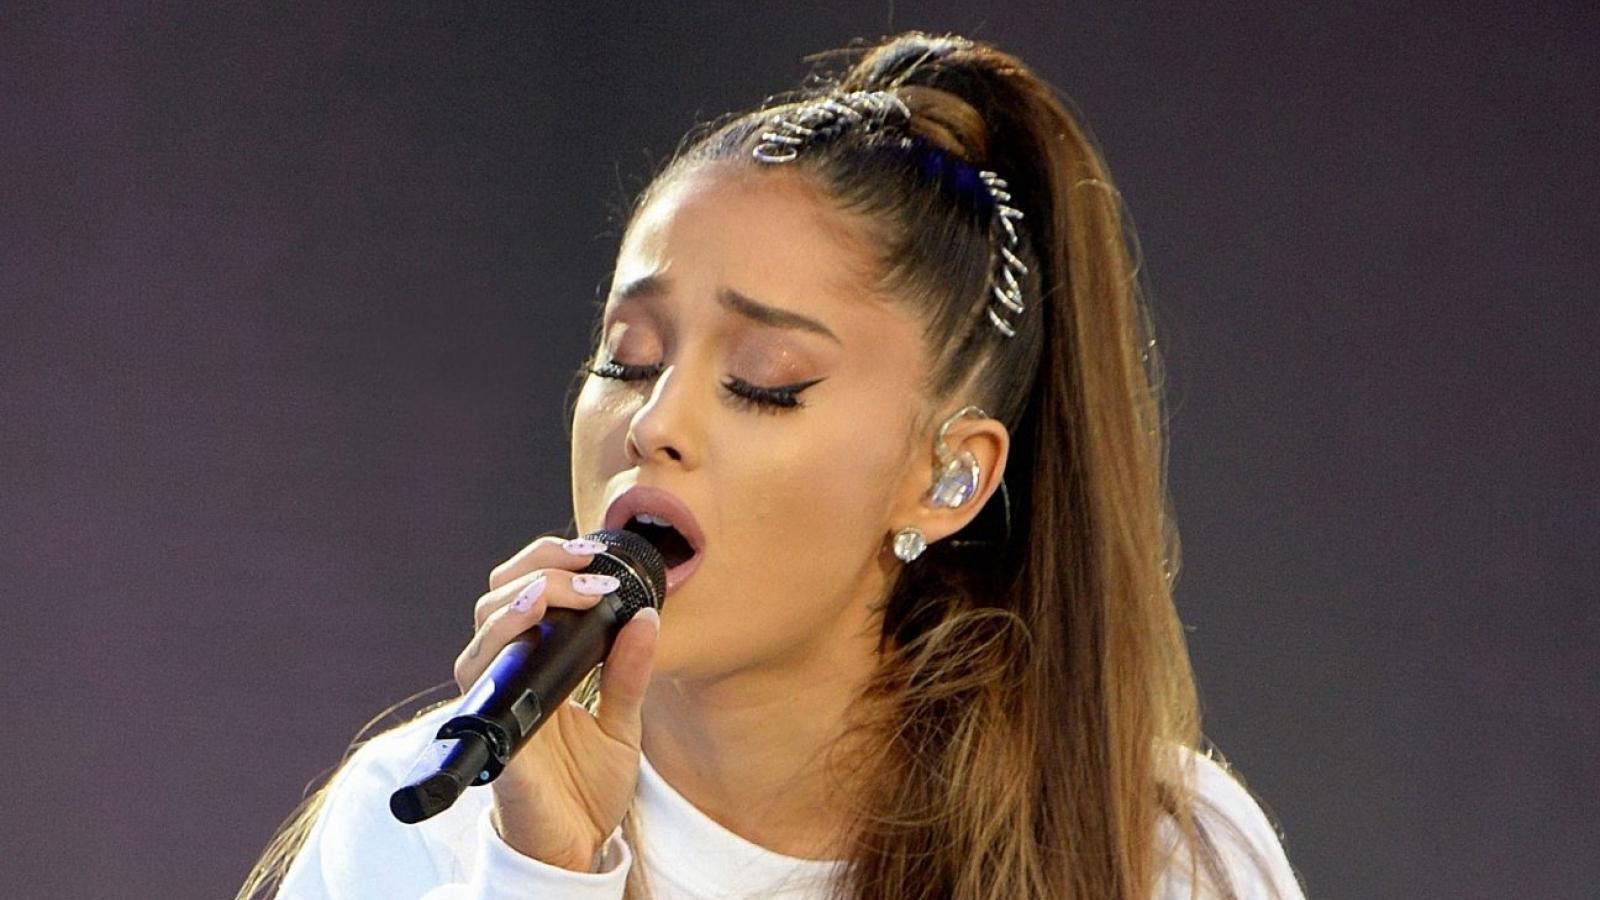 Ariana Grande vẫn chưa thôi đau buồn, 4 năm sau vụ đánh bom ở Manchester